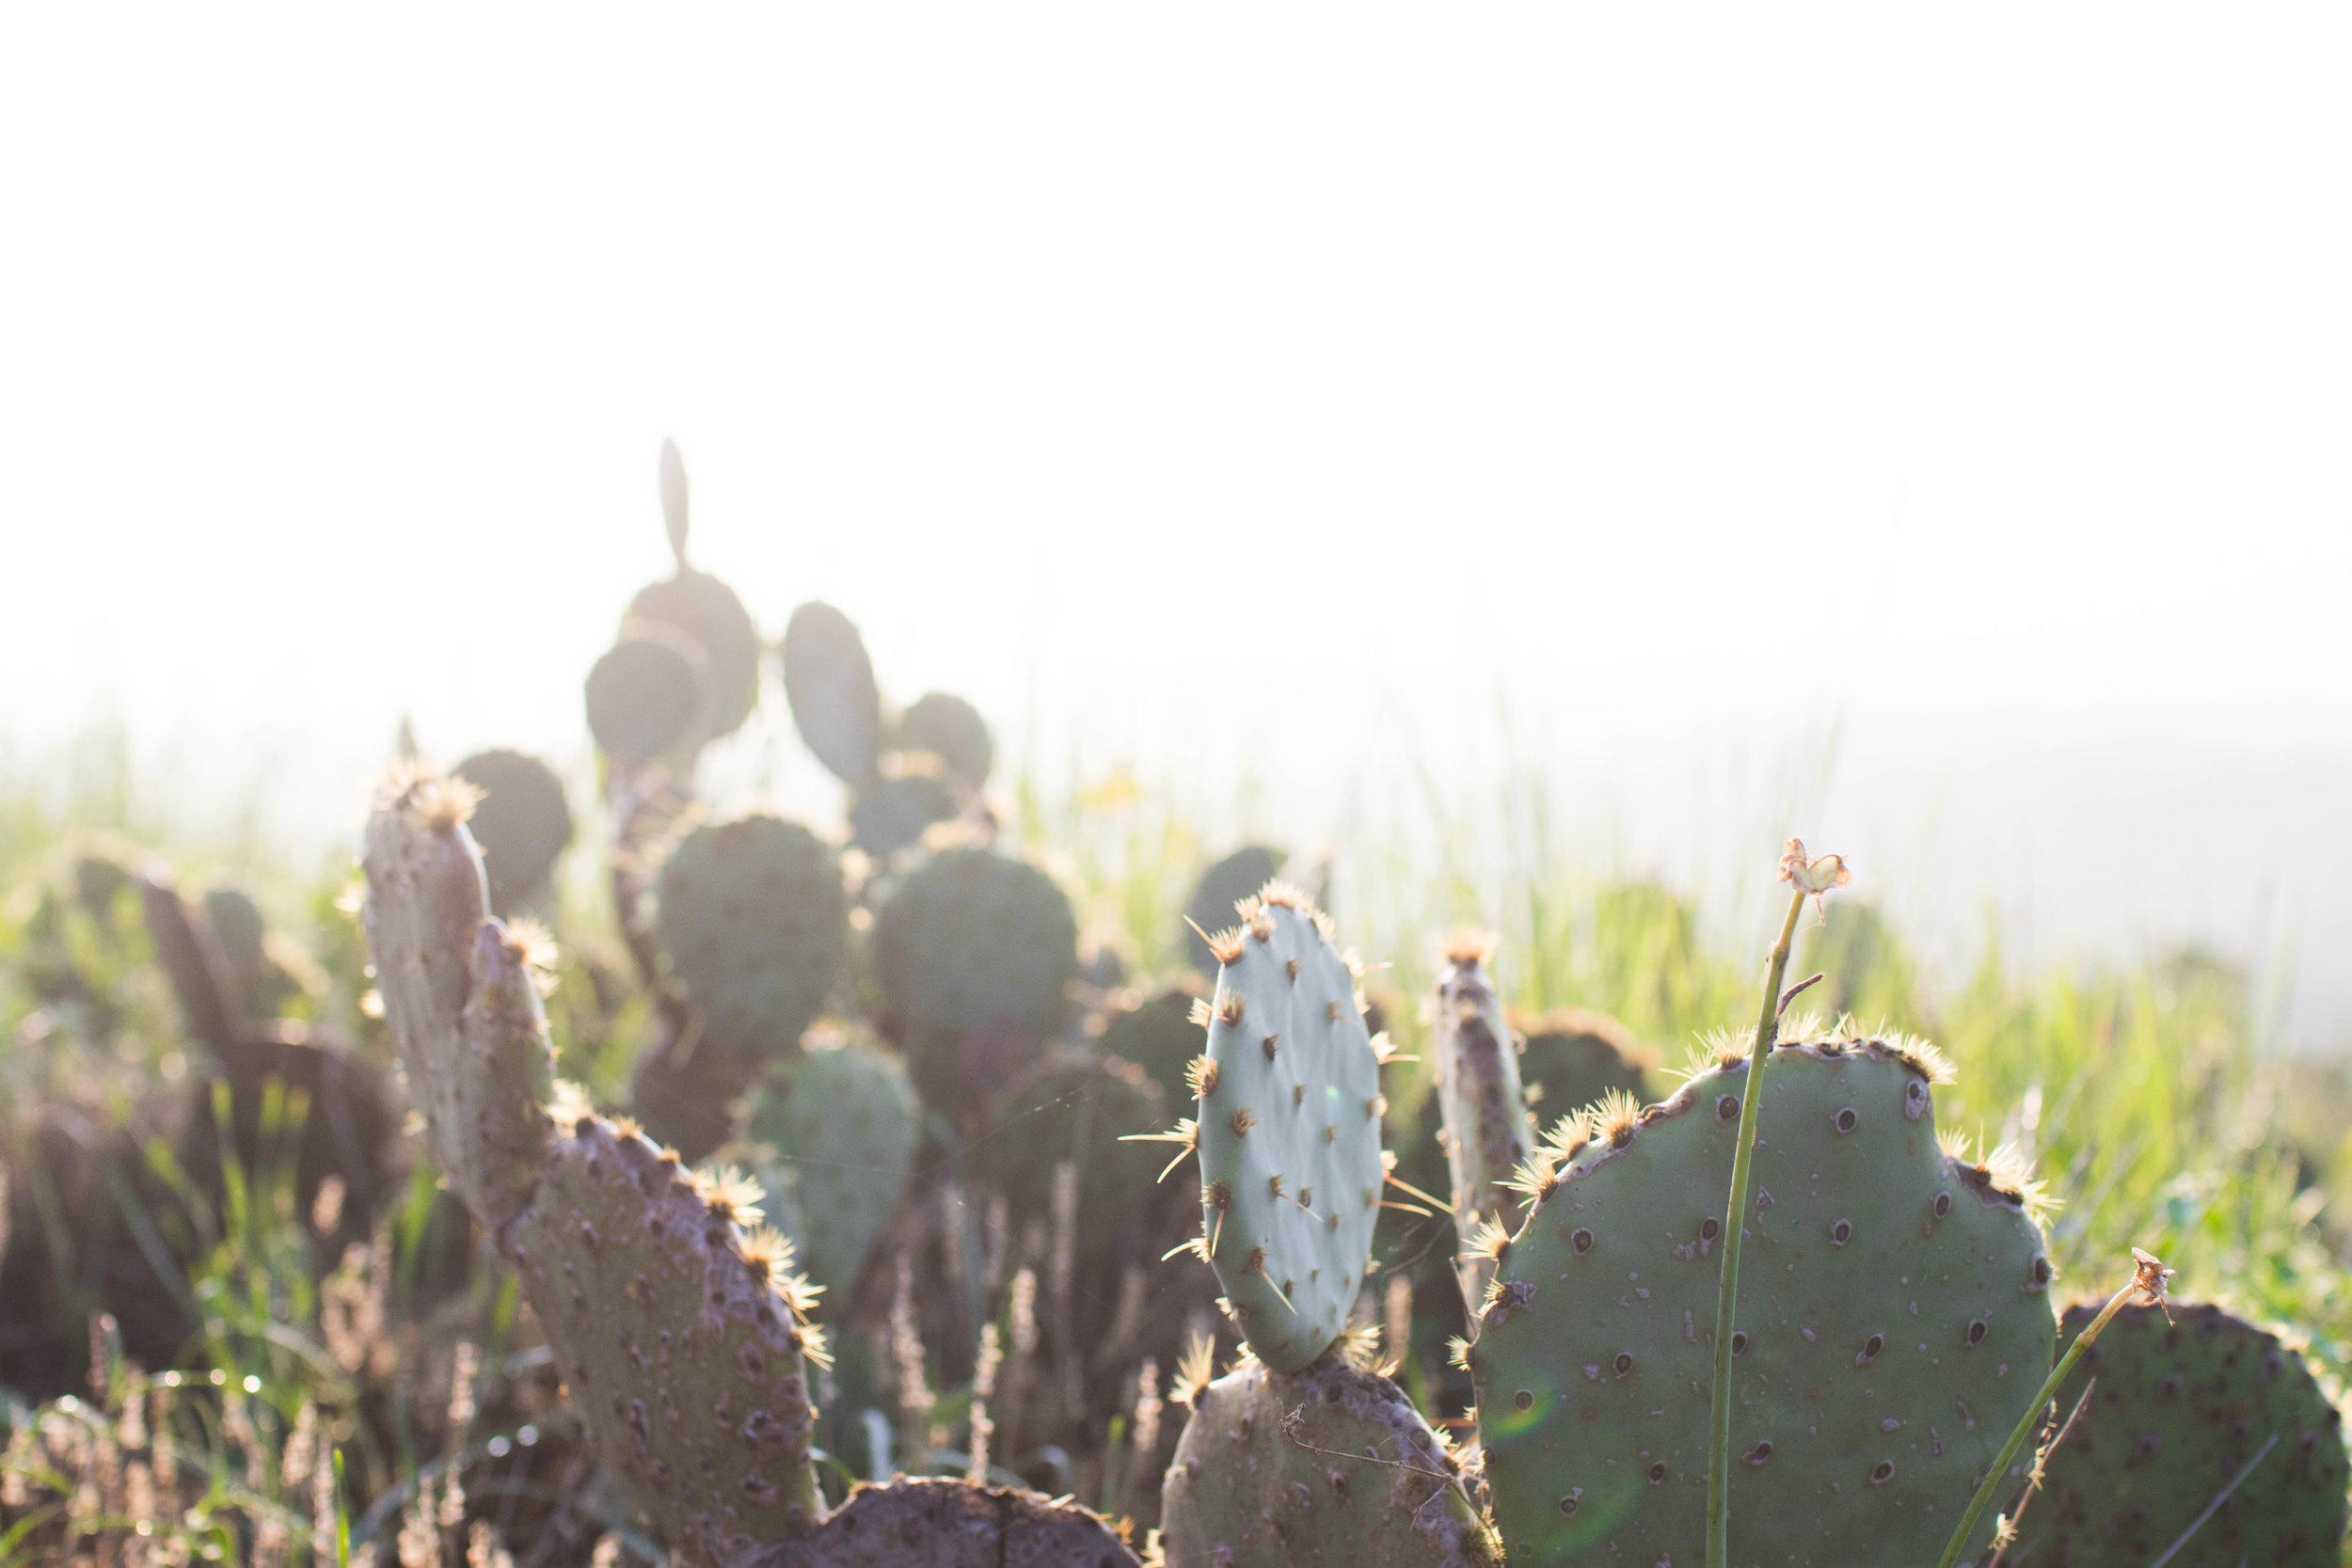 texas-cactus-photos-by-samantha-look.jpg